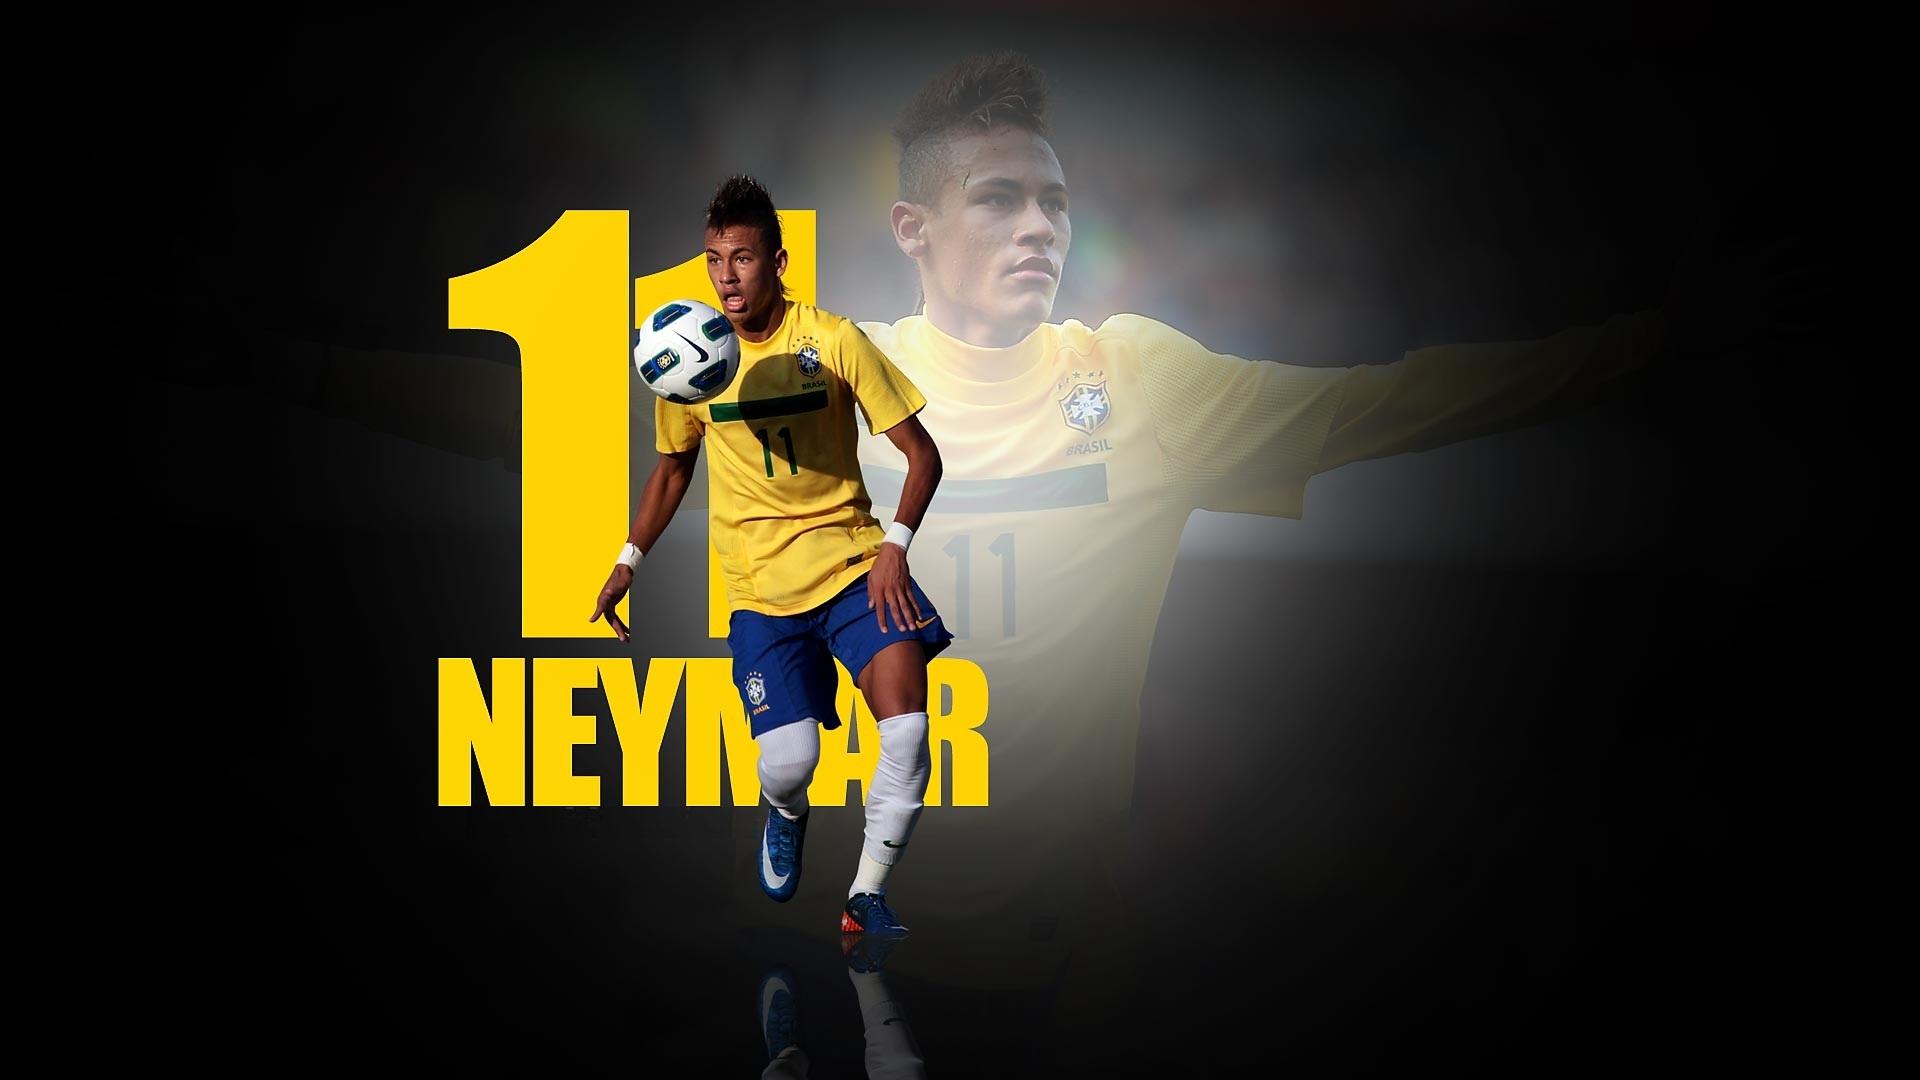 Neymar Wallpapers 2018